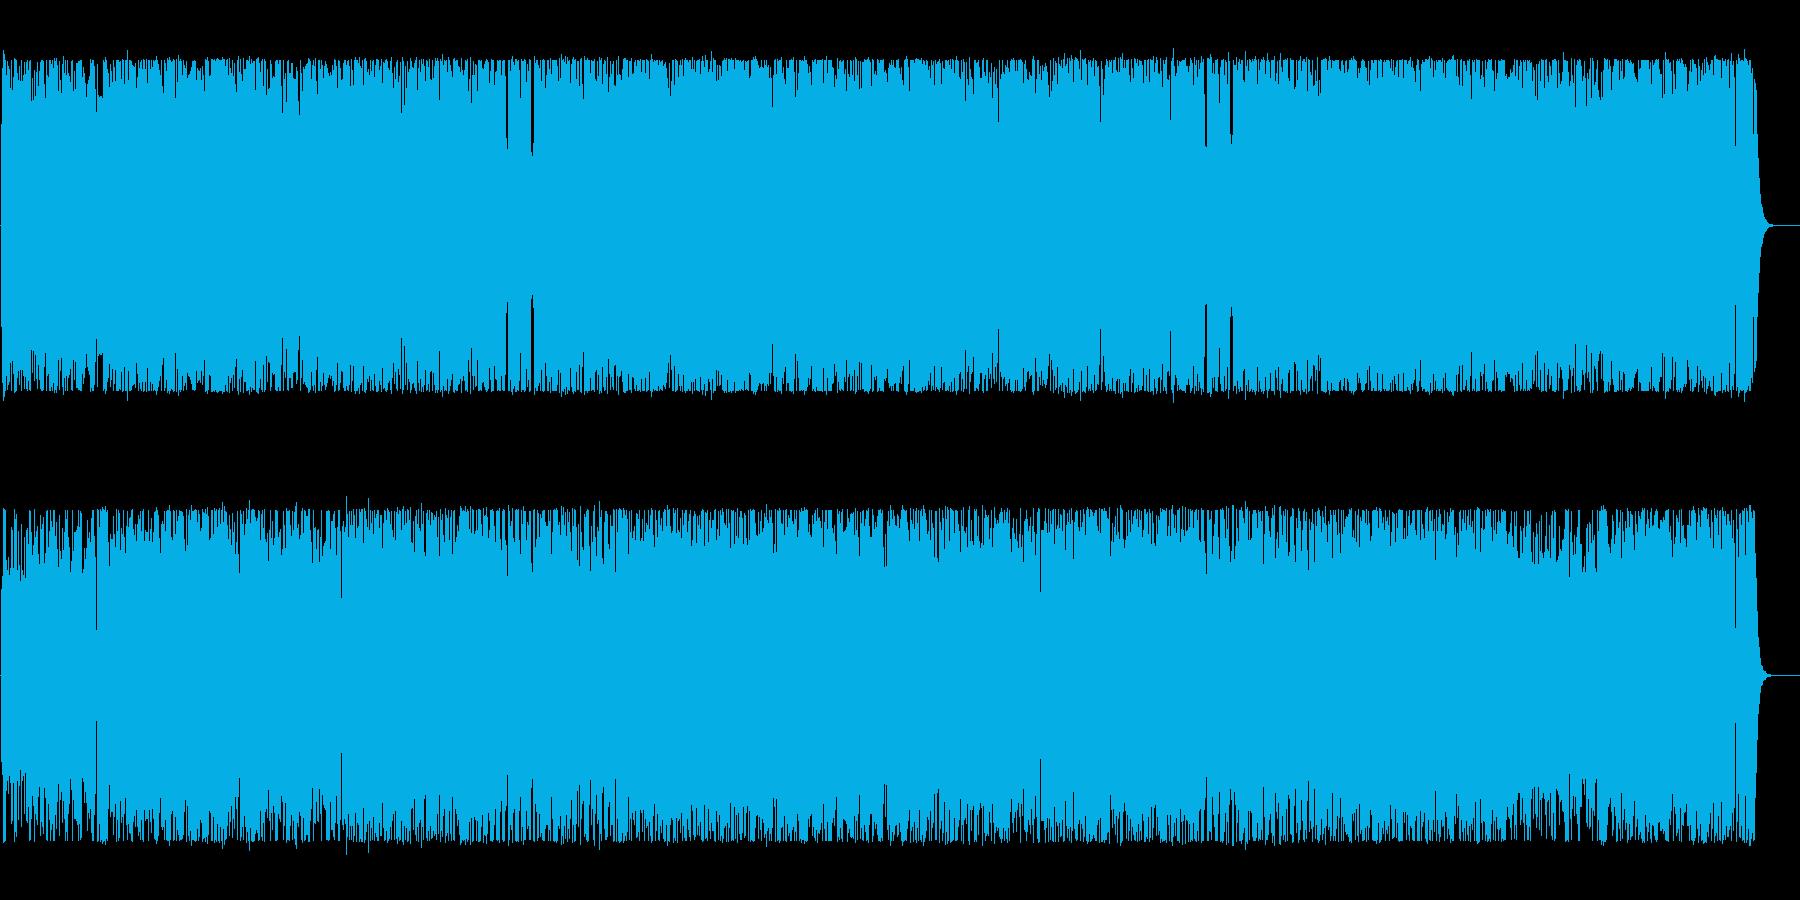 リズミカルで可愛いポップなBGMの再生済みの波形